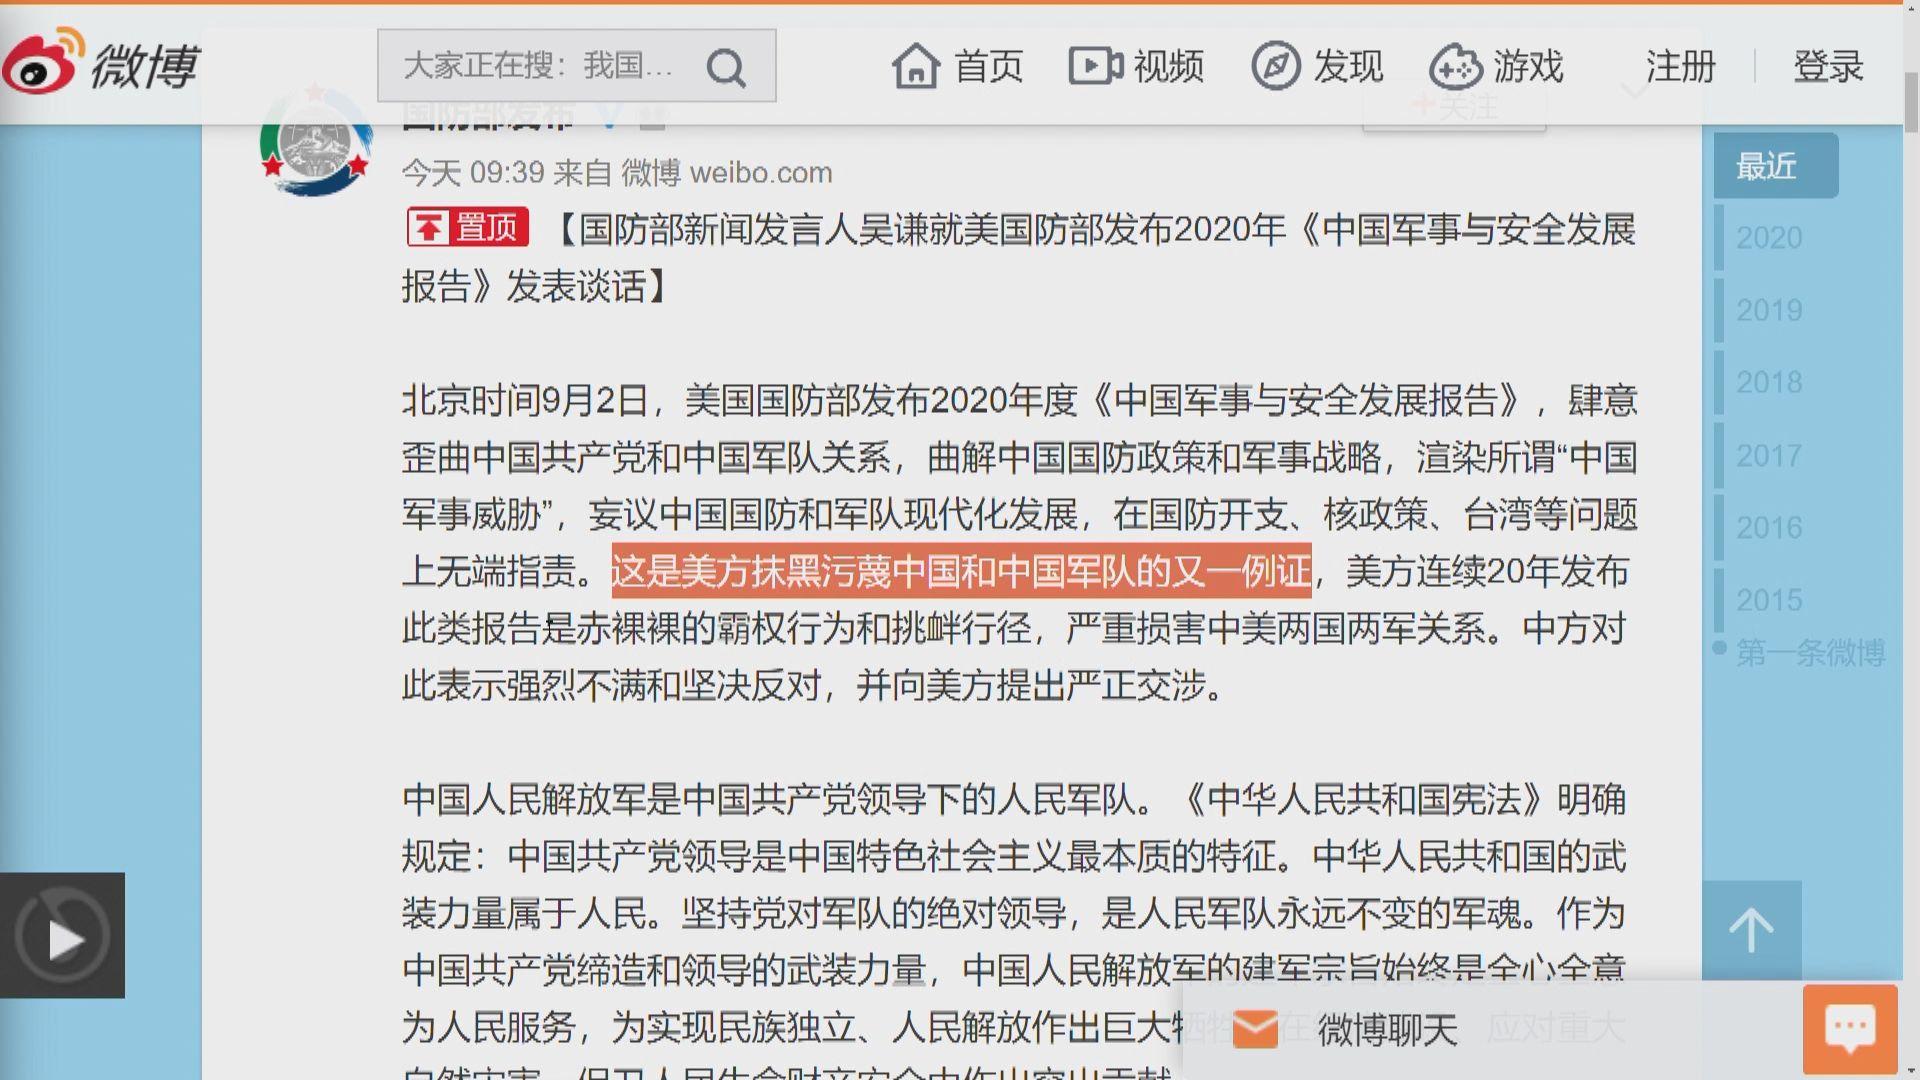 國防部批美方發表中國軍力報告屬抹黑污衊